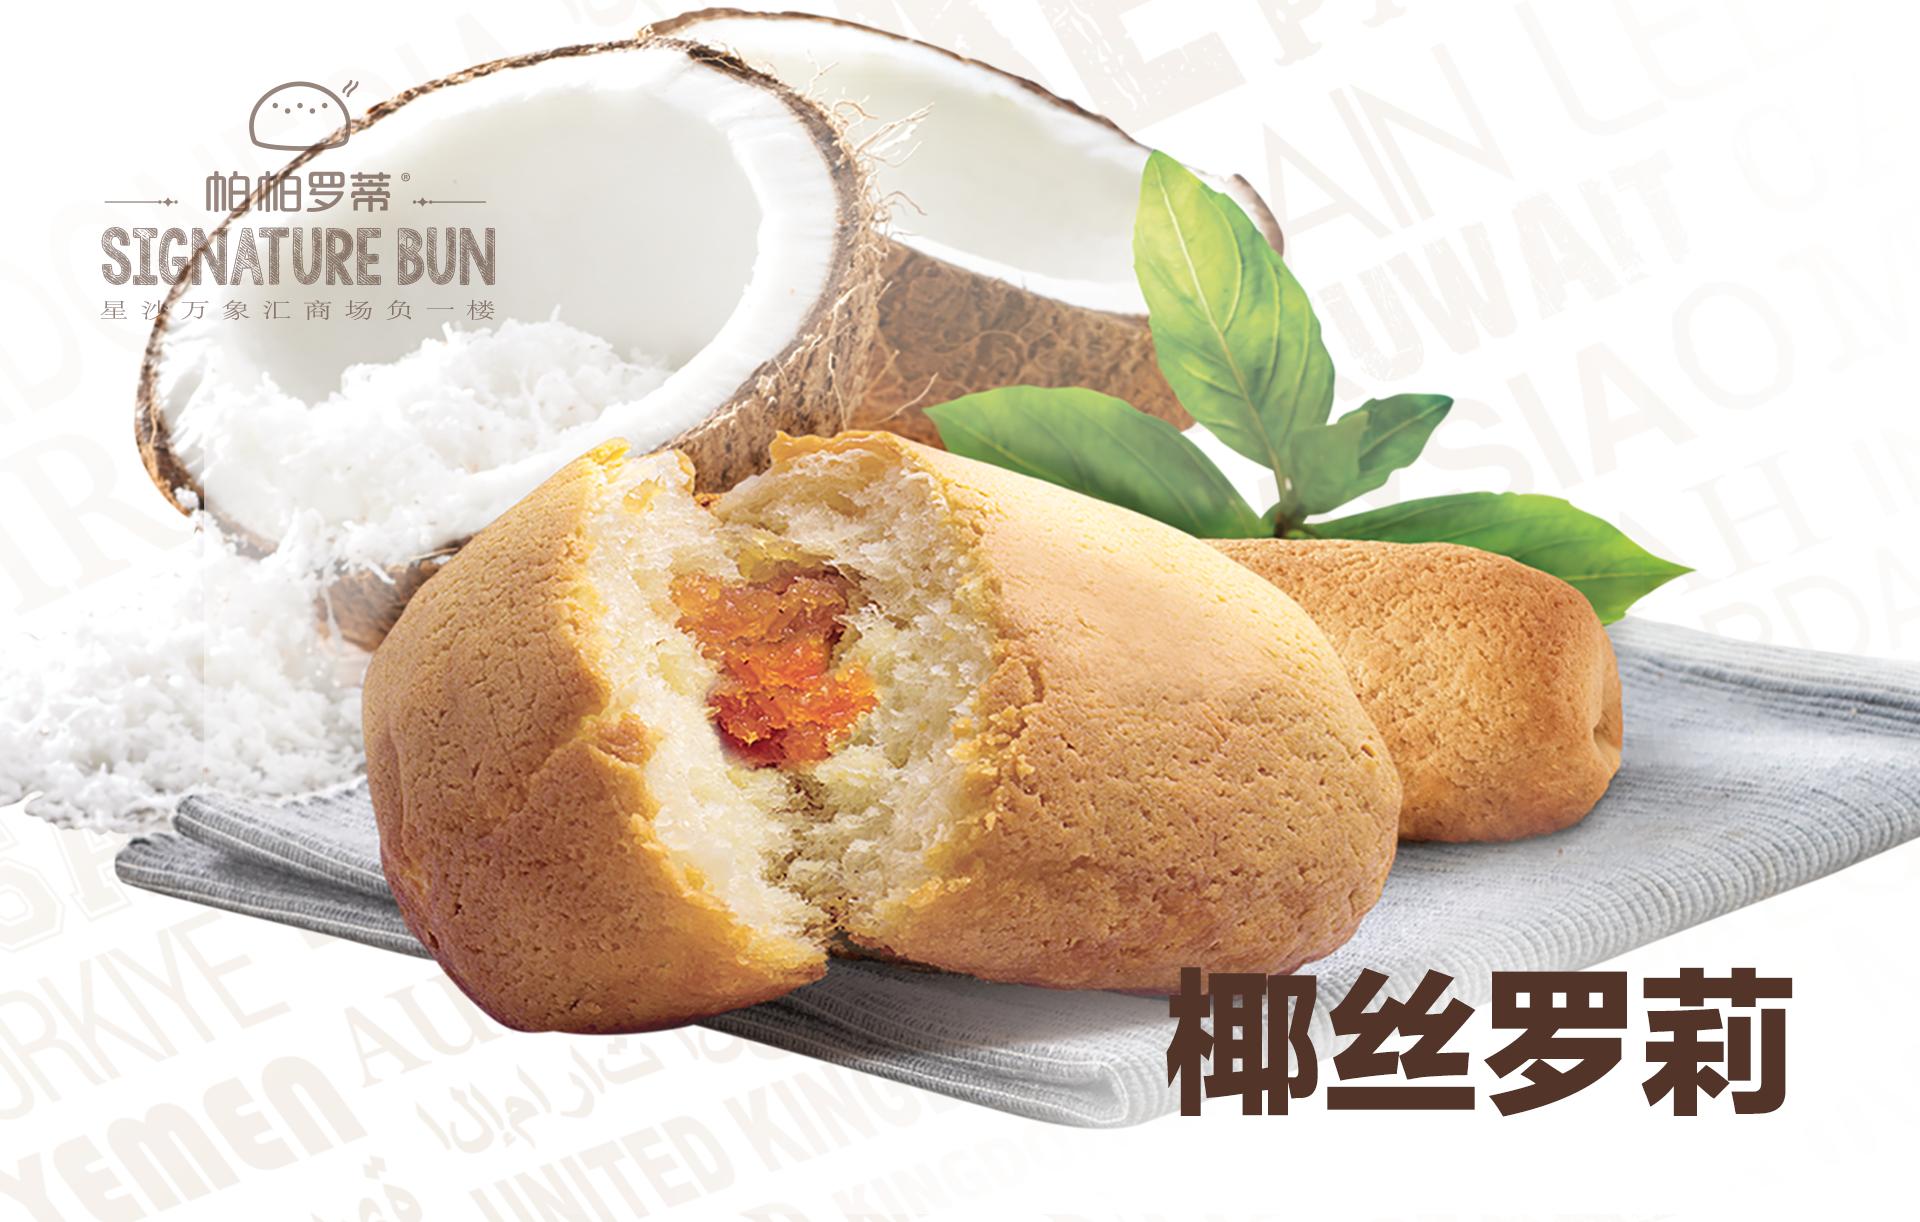 面包加盟连锁店有哪些值得投资的亮点?